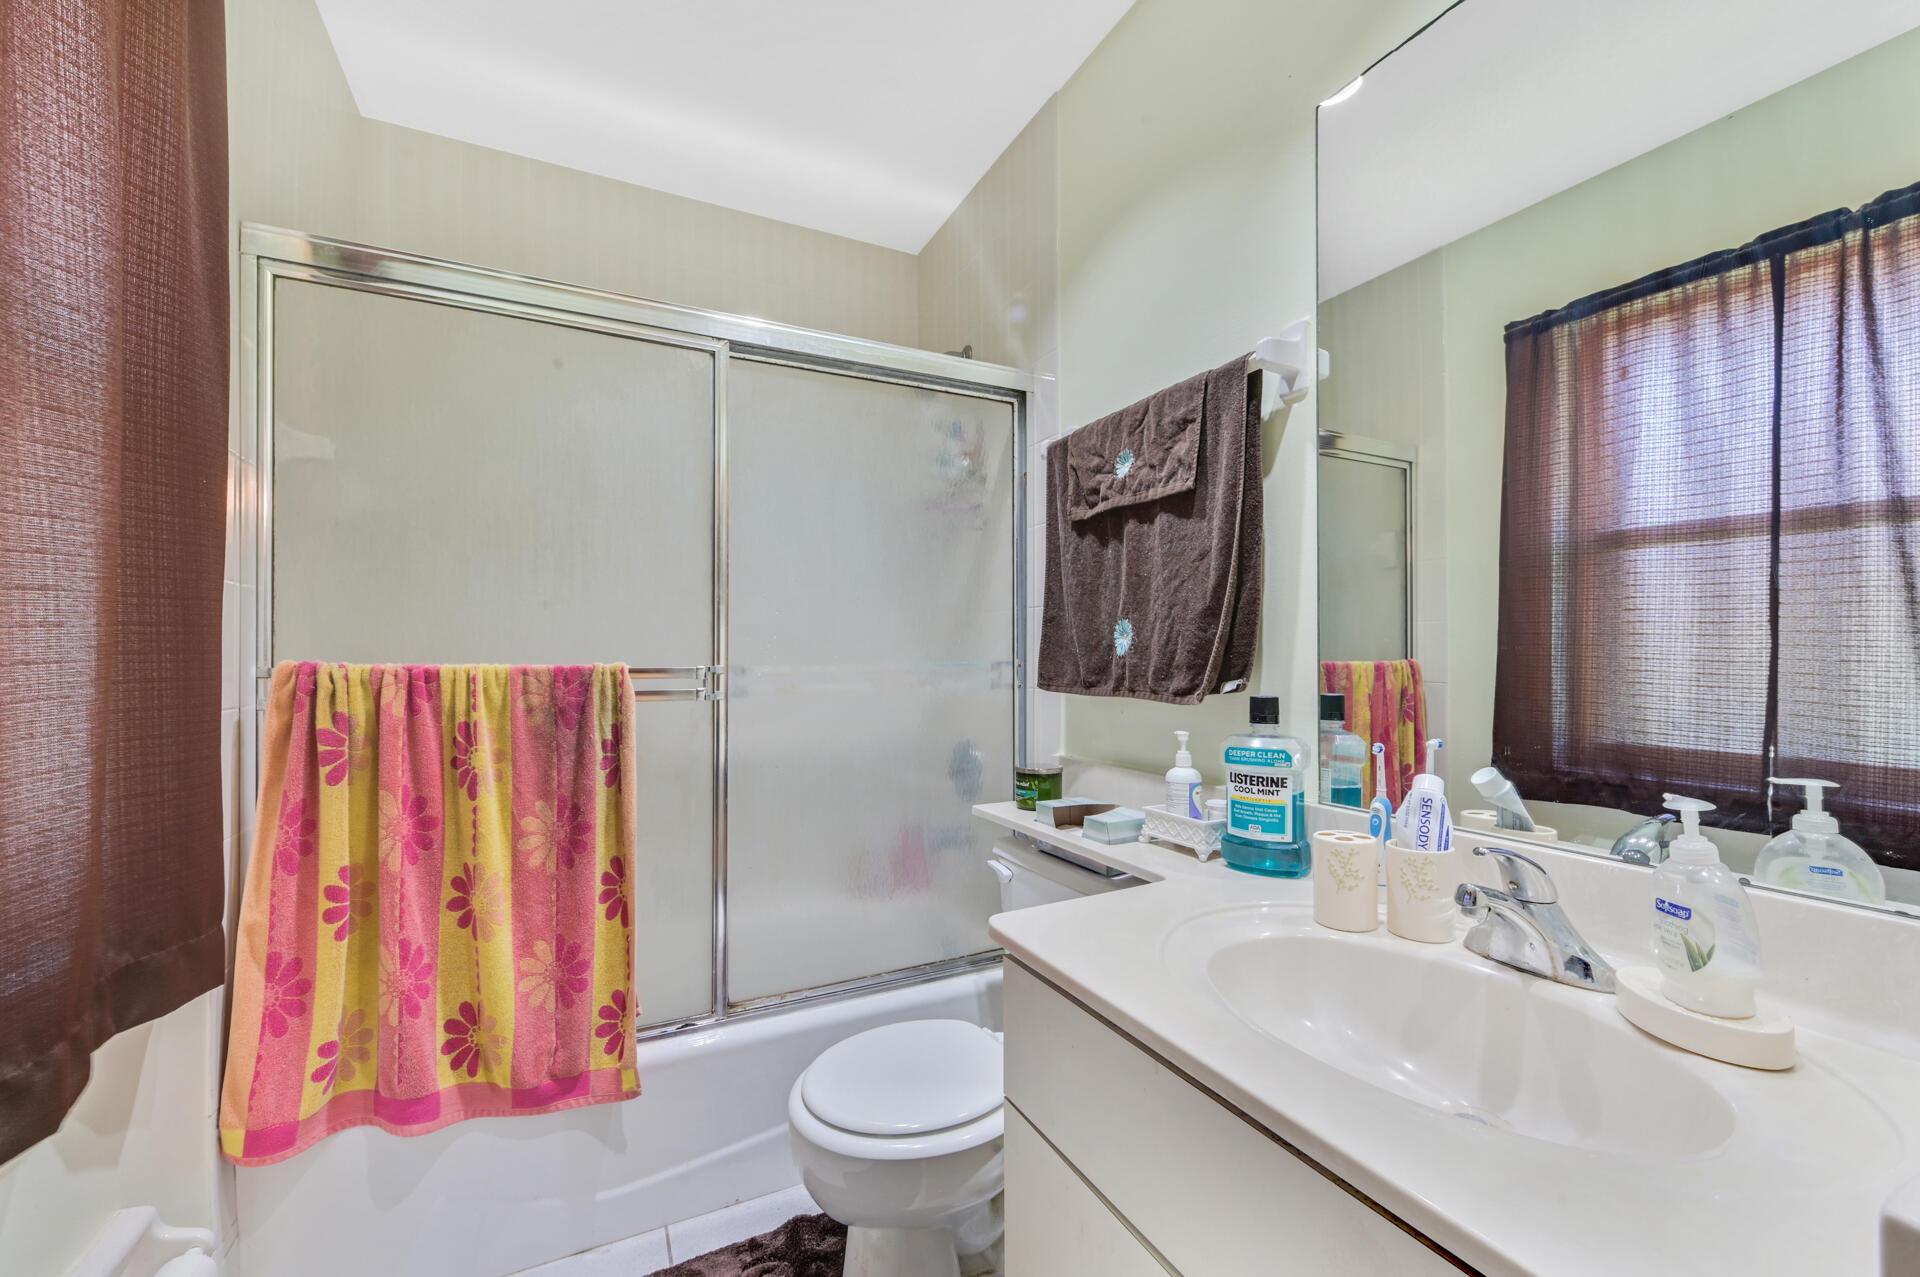 1020-07 Bathroom_001